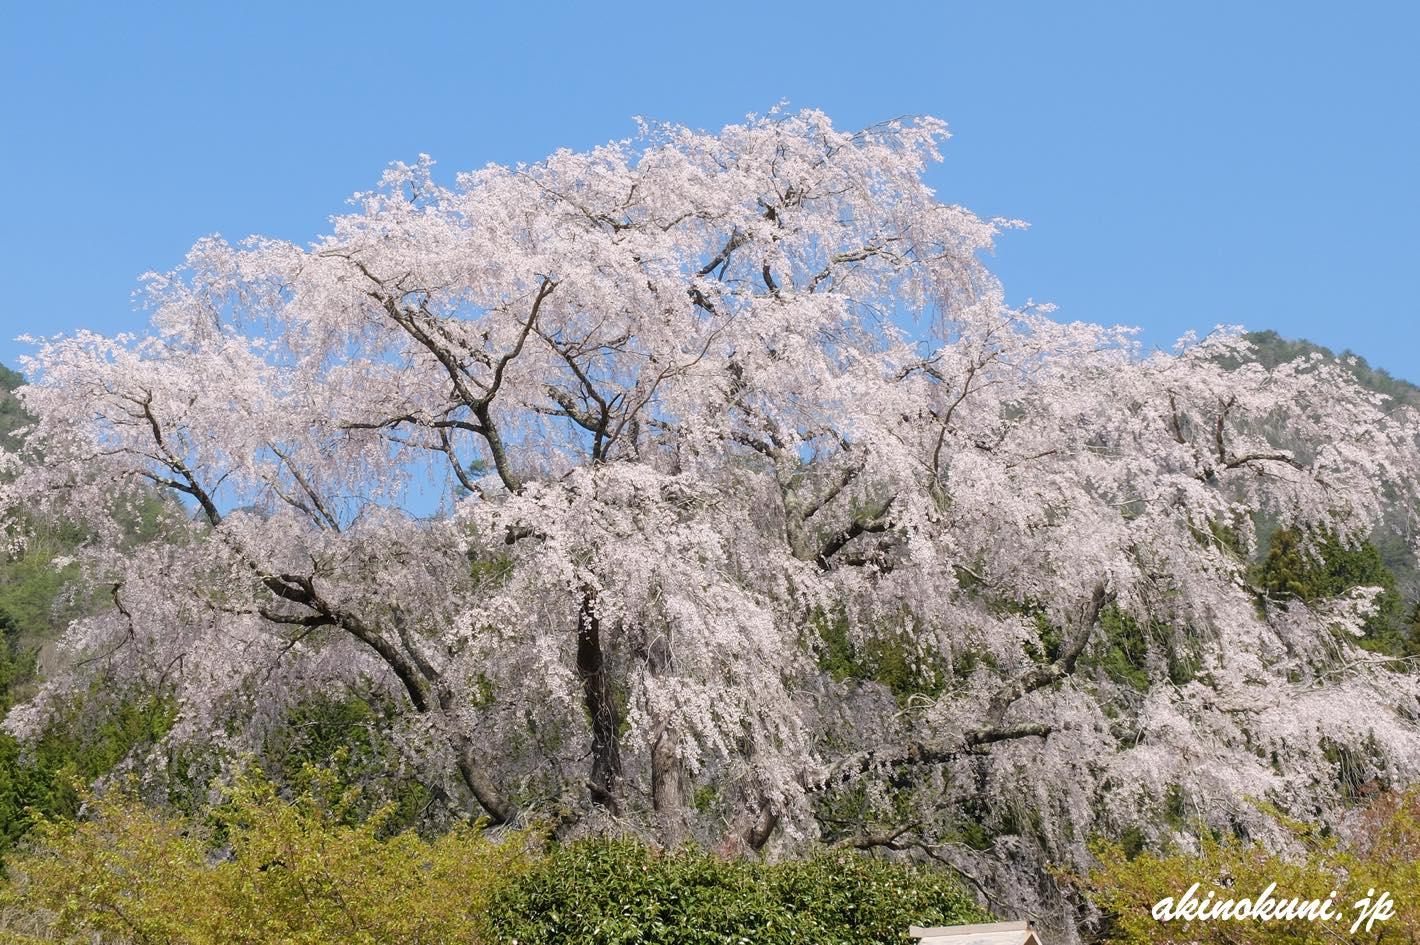 湯の山温泉の枝垂れ桜 道側から